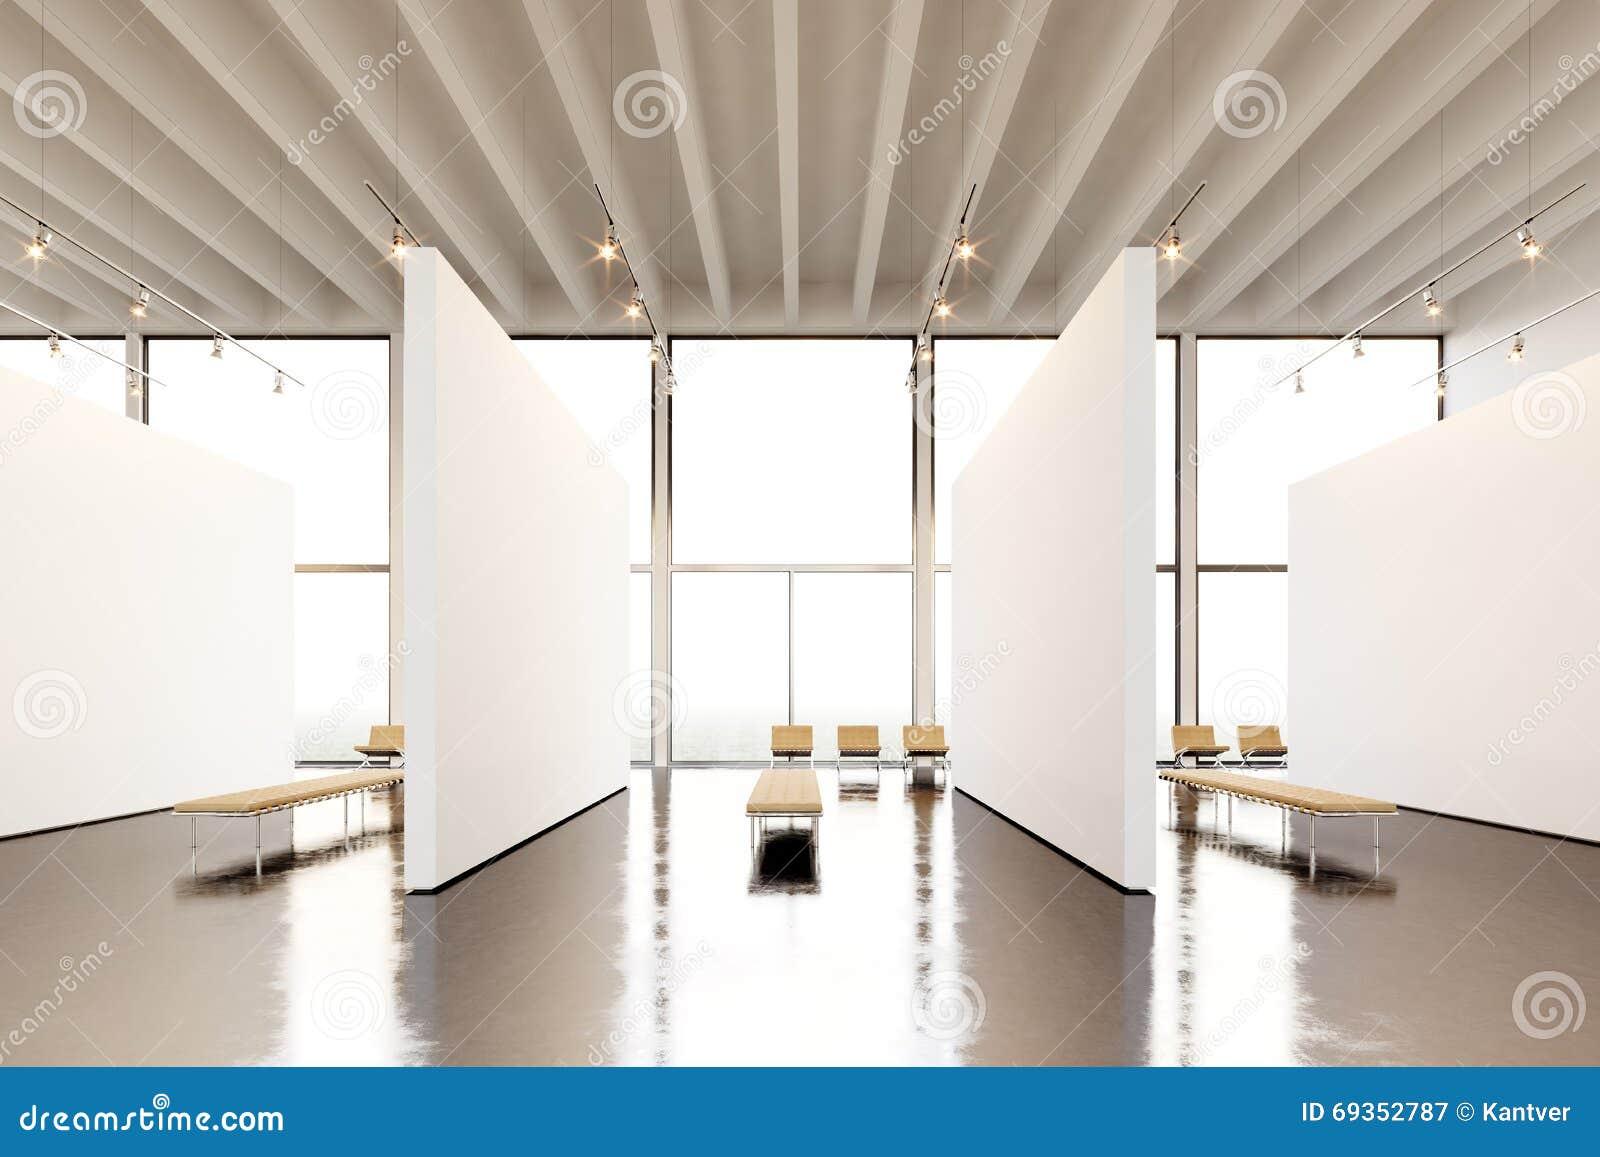 Moderne Galerie Des Fotoausstellungs-Raumes Hängendes Museum Der ...